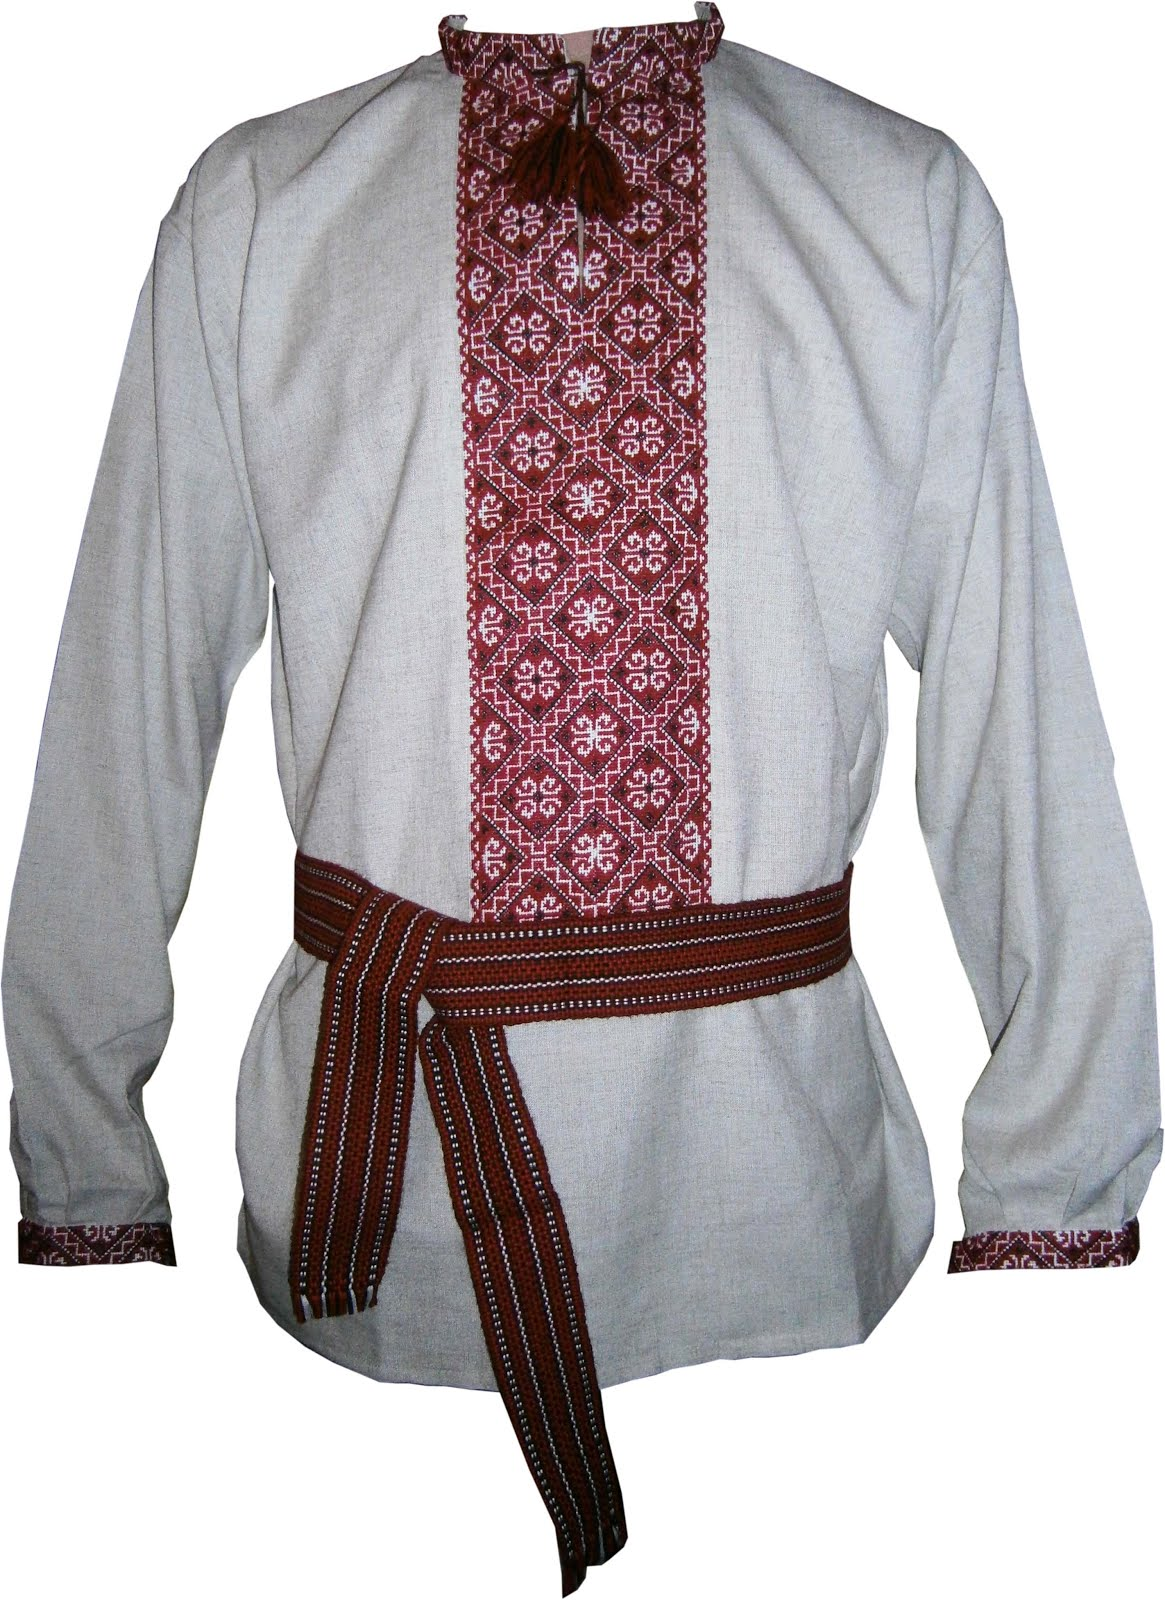 Вишиванка - Інтернет-магазин вишиванок 6eb935b43b0fa